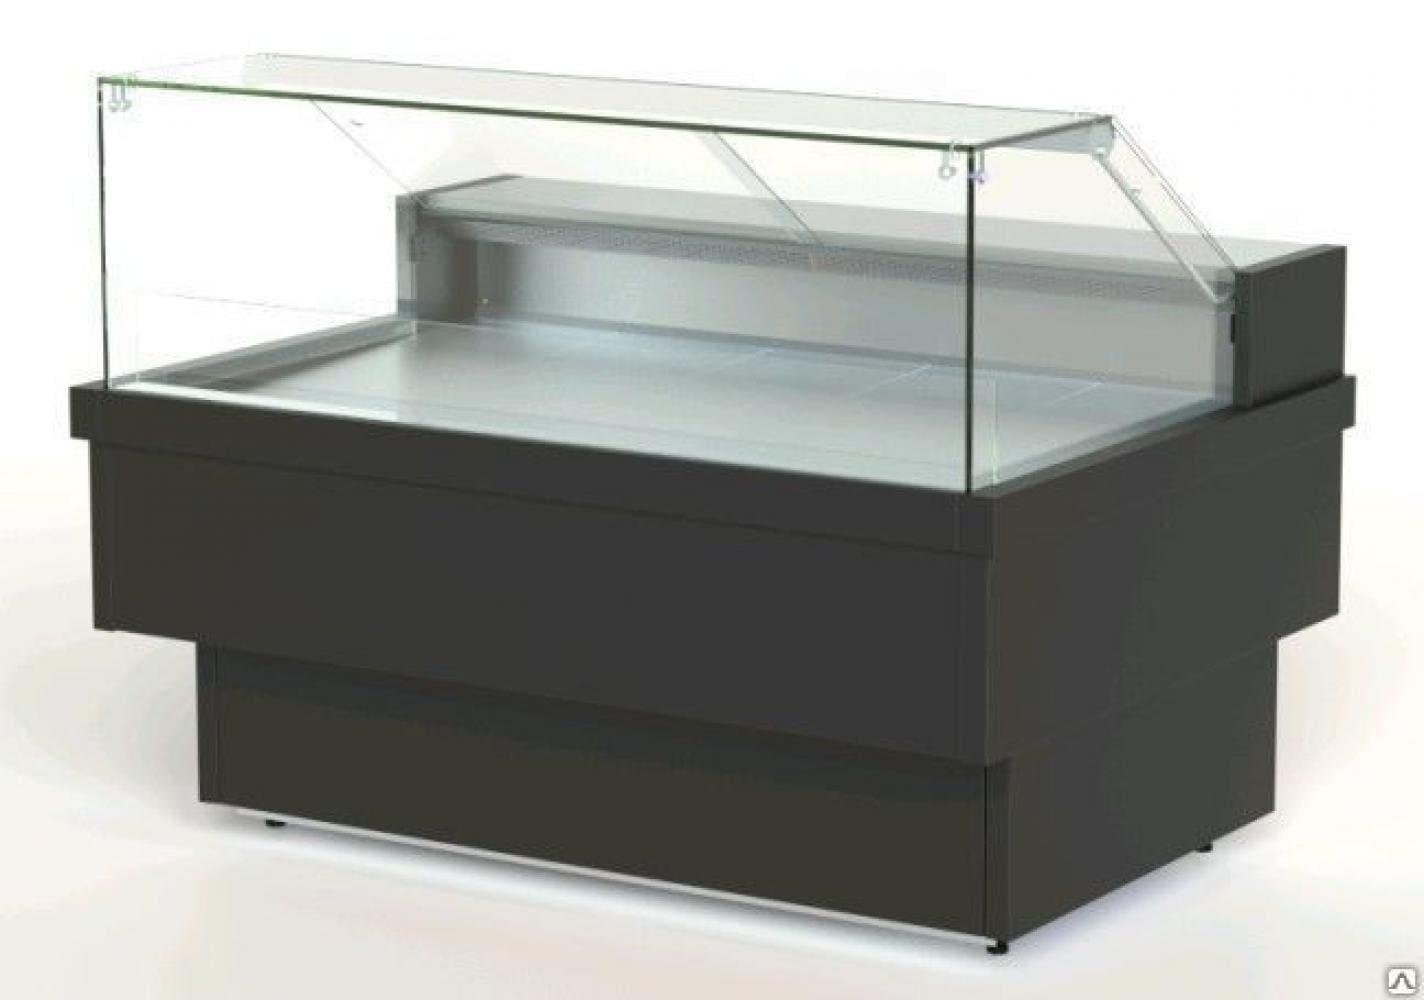 Холодильная витрина в аренду PR Куб 1370, универсальный режим +4 -4 градуса